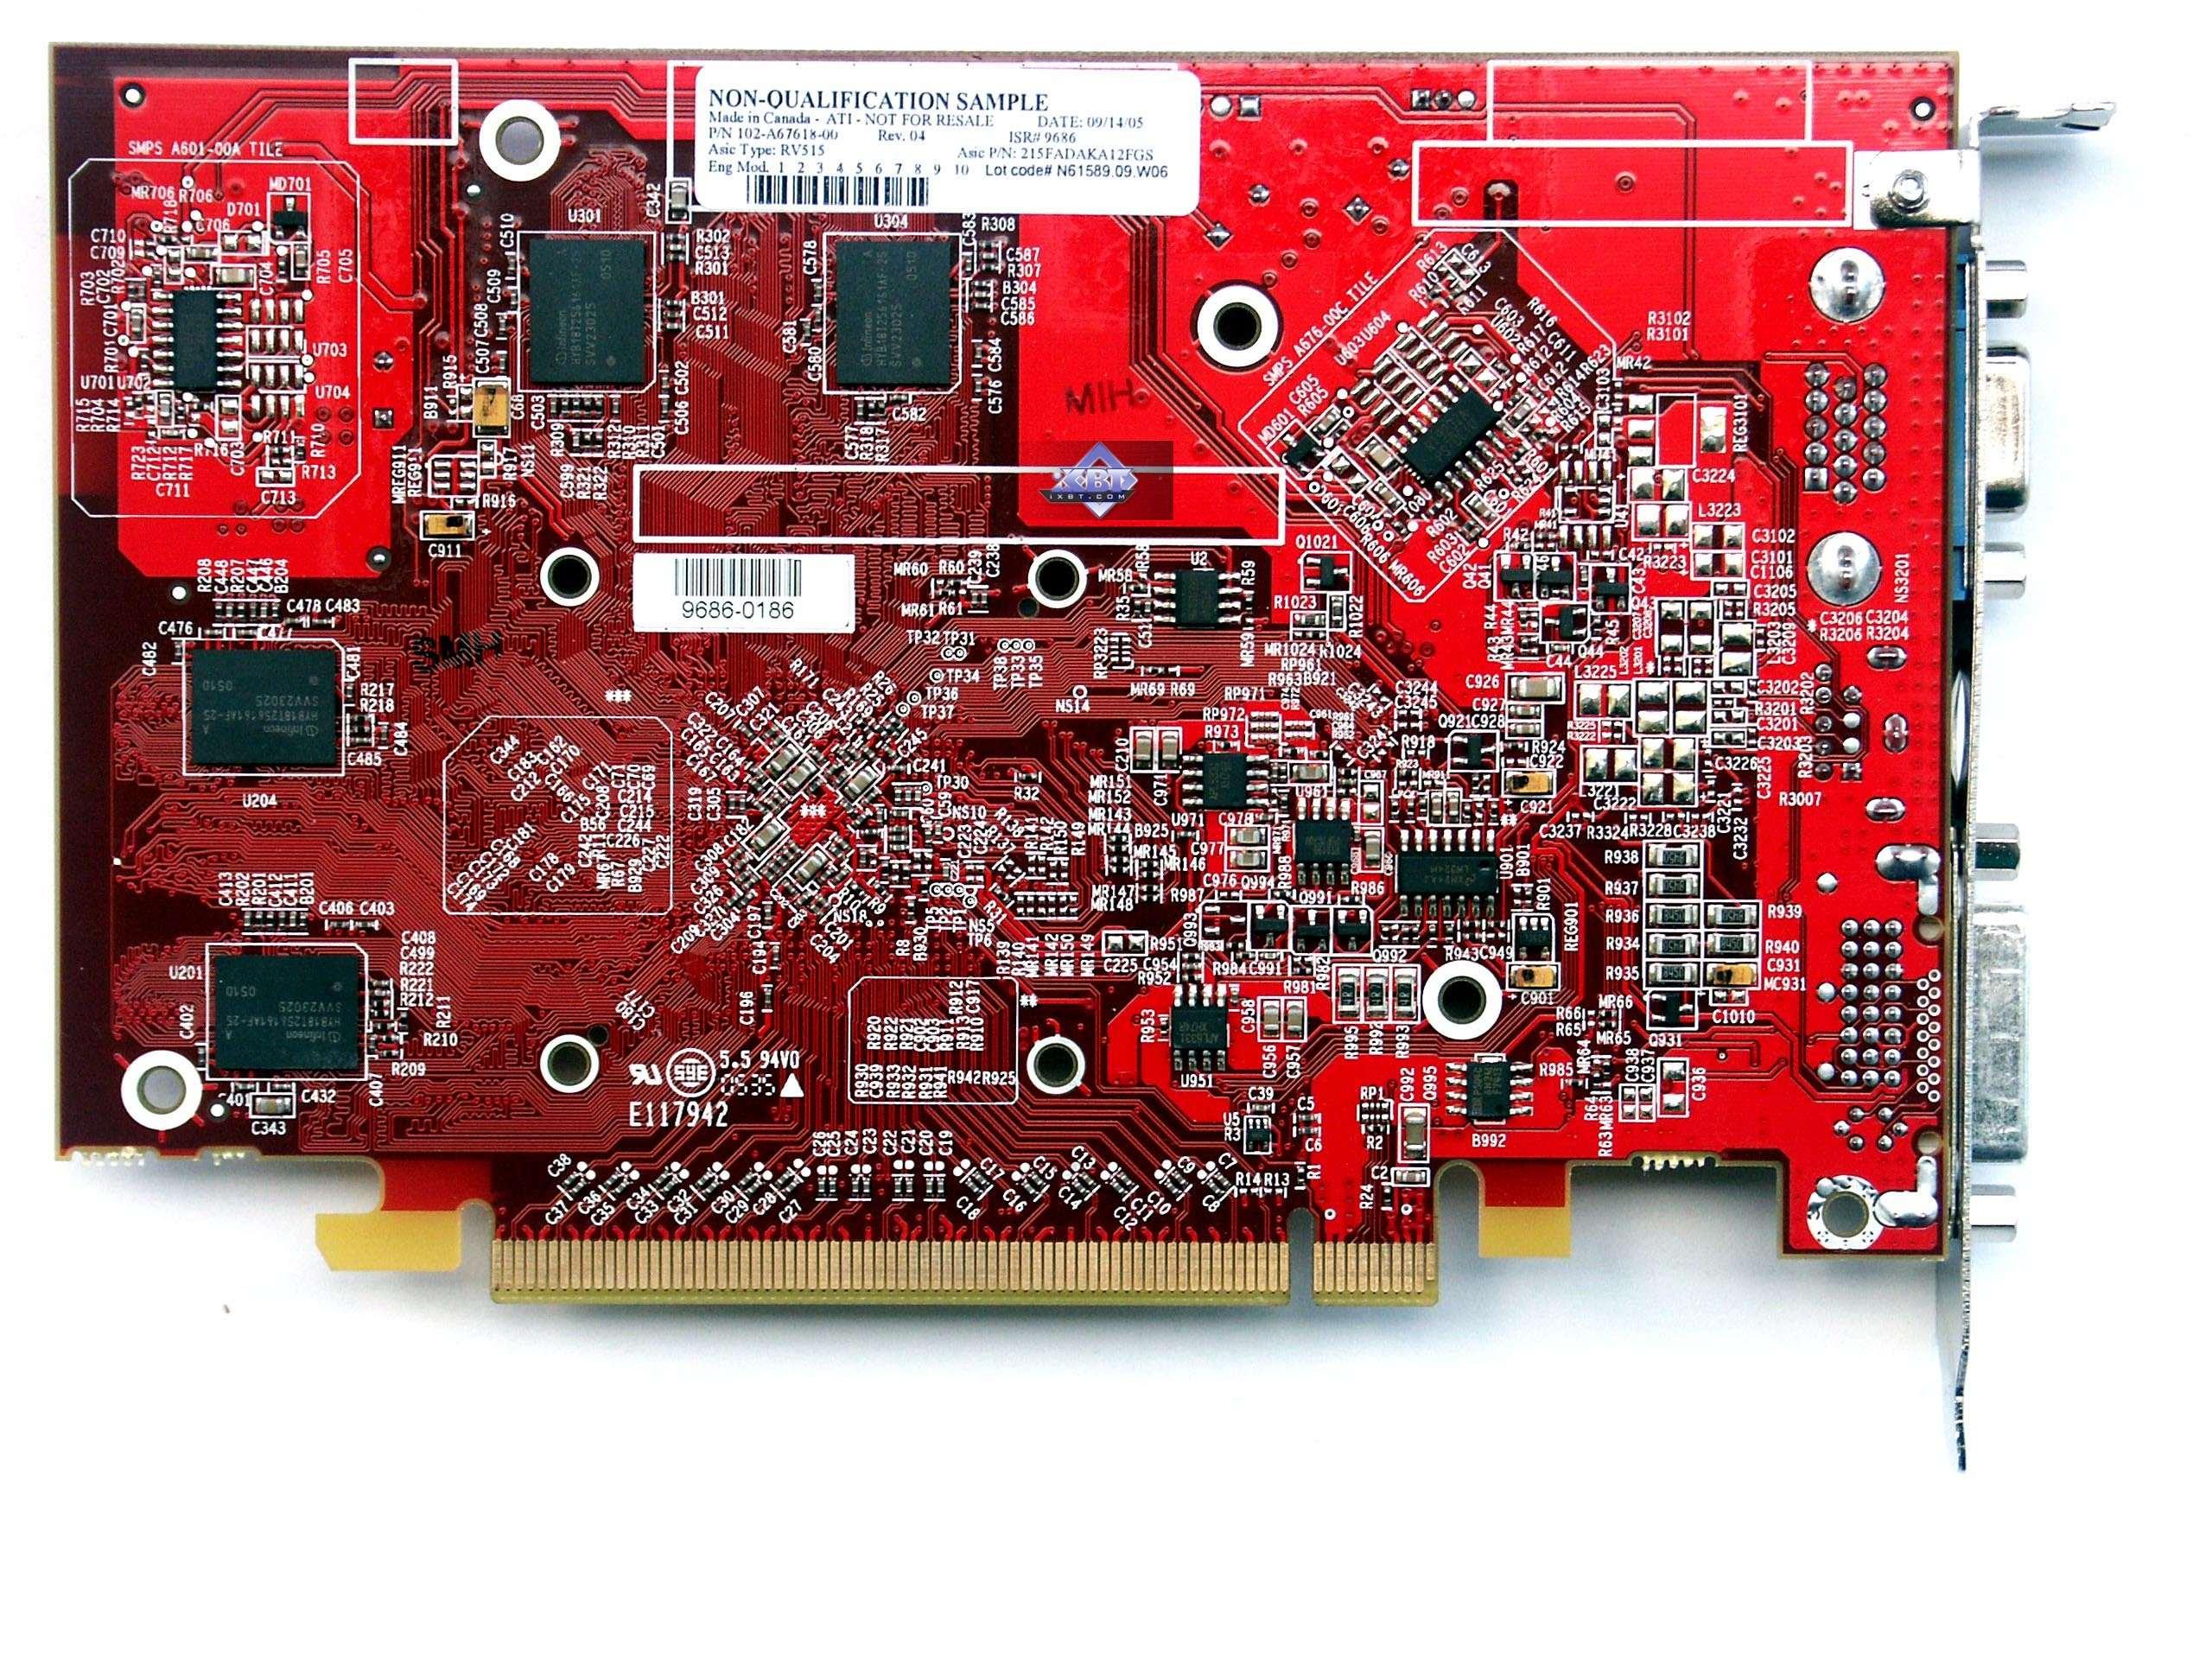 Radeon x1300 pro драйвер скачать windows 7